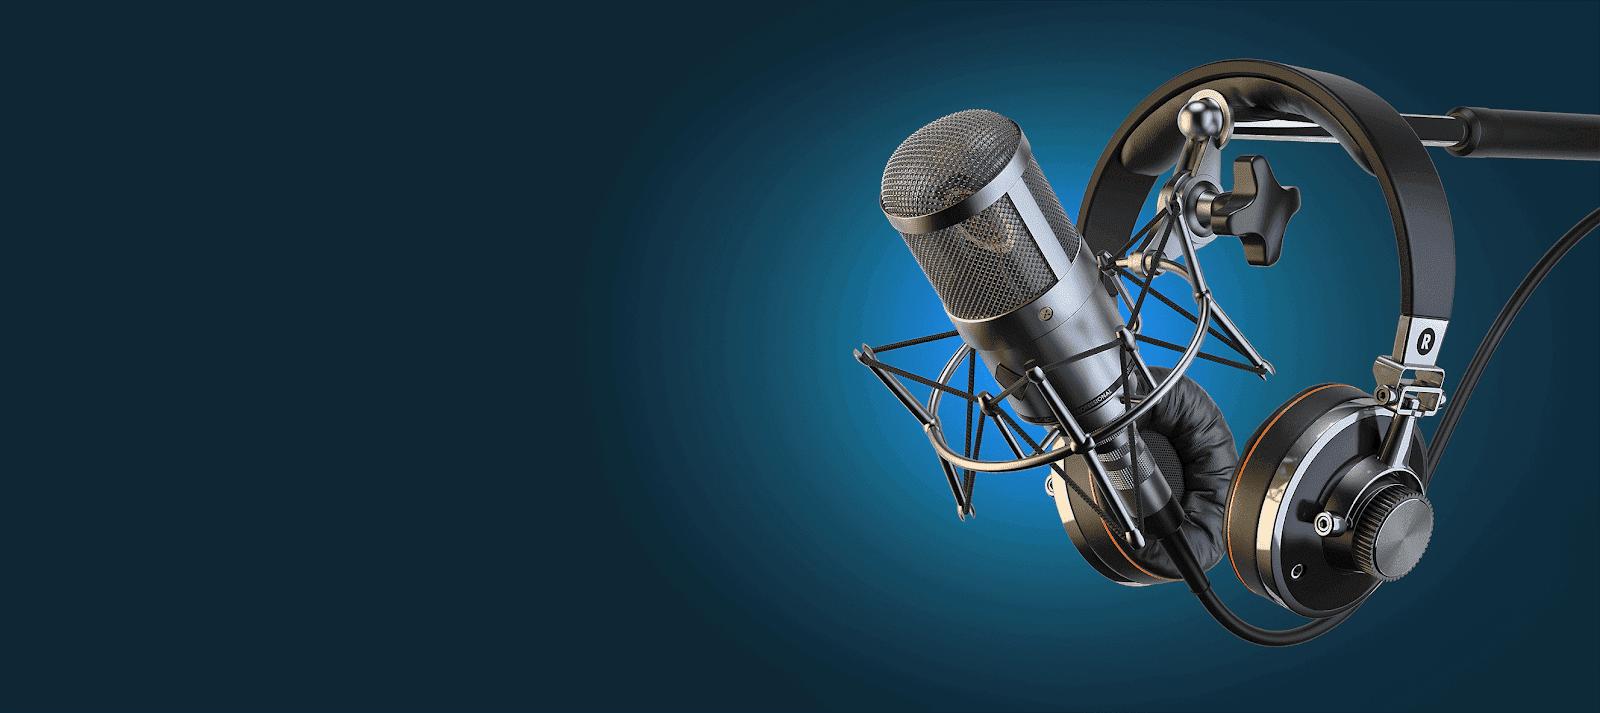 Microfone%2bde%2blocu%c3%a7%c3%a3o